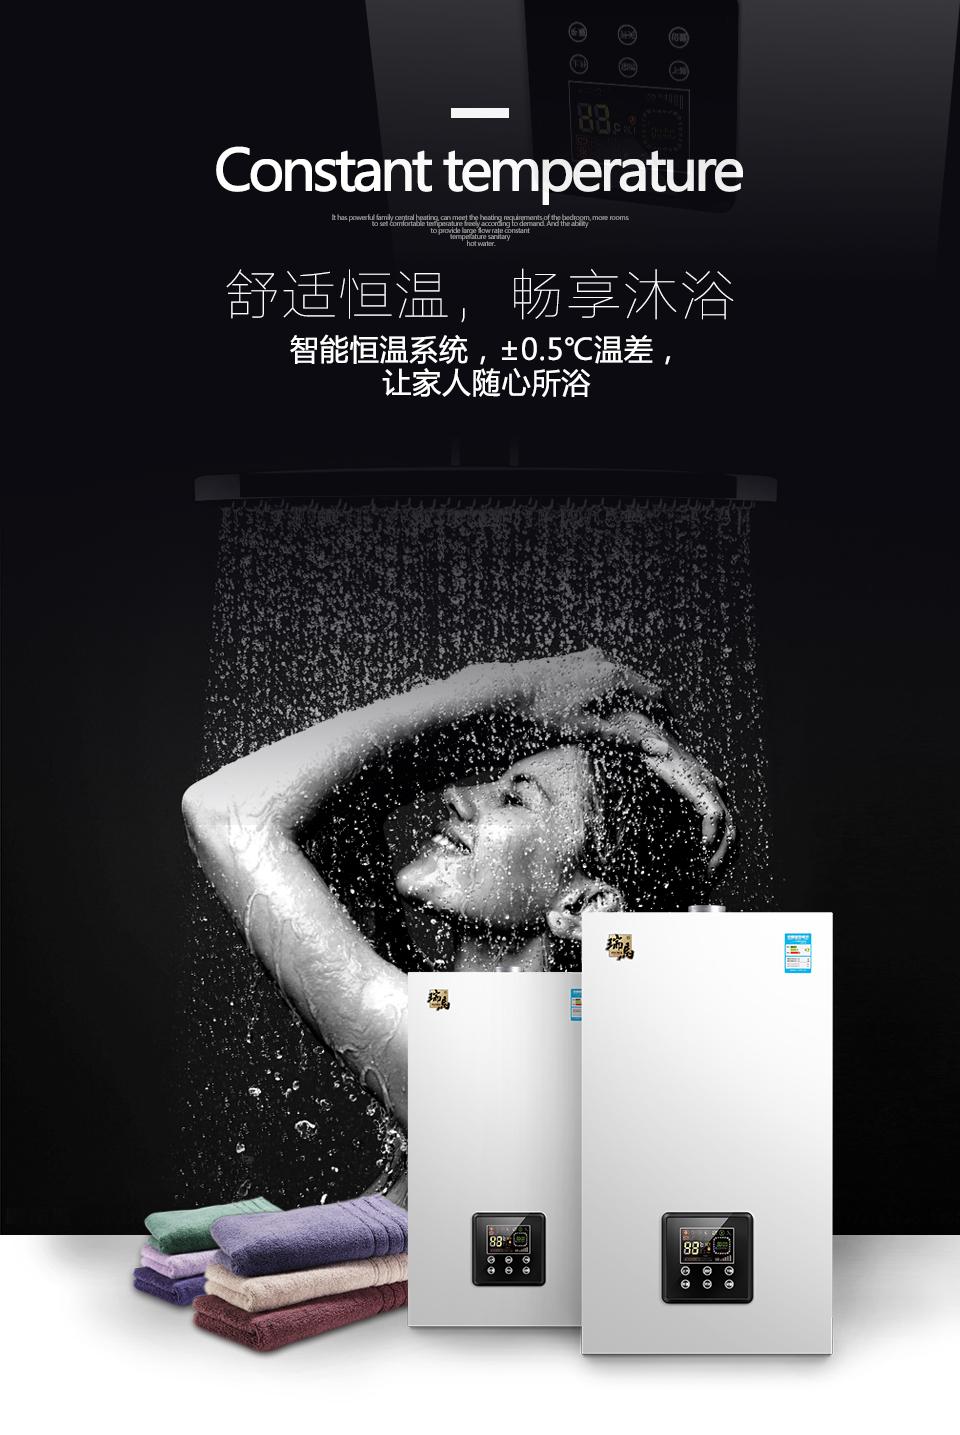 瑞马VM-A4系列葡京国际娱乐注册舒适恒温,畅享沐浴